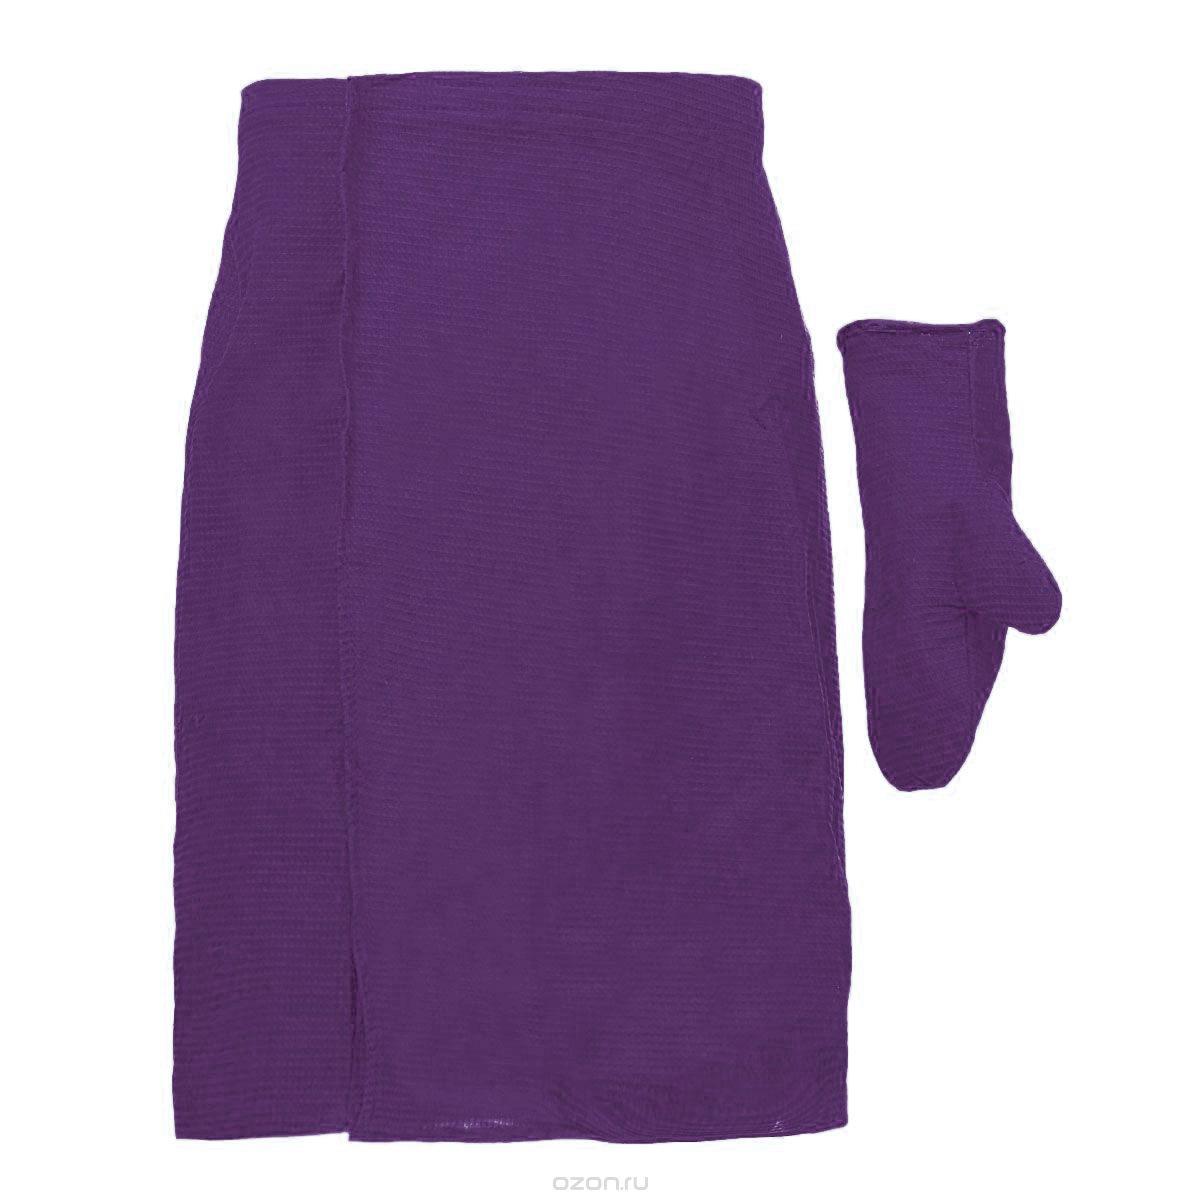 Комплект для бани и сауны Банные штучки, мужской, цвет: фиолетовый, 2 предмета. 32064Z-0307Комплект для сауны и бани Банные штучки изготовлен из натурального, хорошо впитывающего влагу хлопка. Комплект состоит из однотонной вафельной накидки и рукавицы.Накидка специального кроя снабжена резинкой и застежкой-липучкой. Имеет универсальный размер. В парилке можно лежать на ней, после душа вытираться. Рукавица защитит ваши руки от ожогов, может использоваться для массажа тела. Комплект создан для активных и уверенных в себе людей. Отдых в сауне или бане - это полезный и в последнее время популярный способ время провождения. Комплект Банные штучки обеспечит вам комфорт и удобство. Размер накидки: 60 см х 145 см. Размер рукавицы: 27 см х 18,5 см.